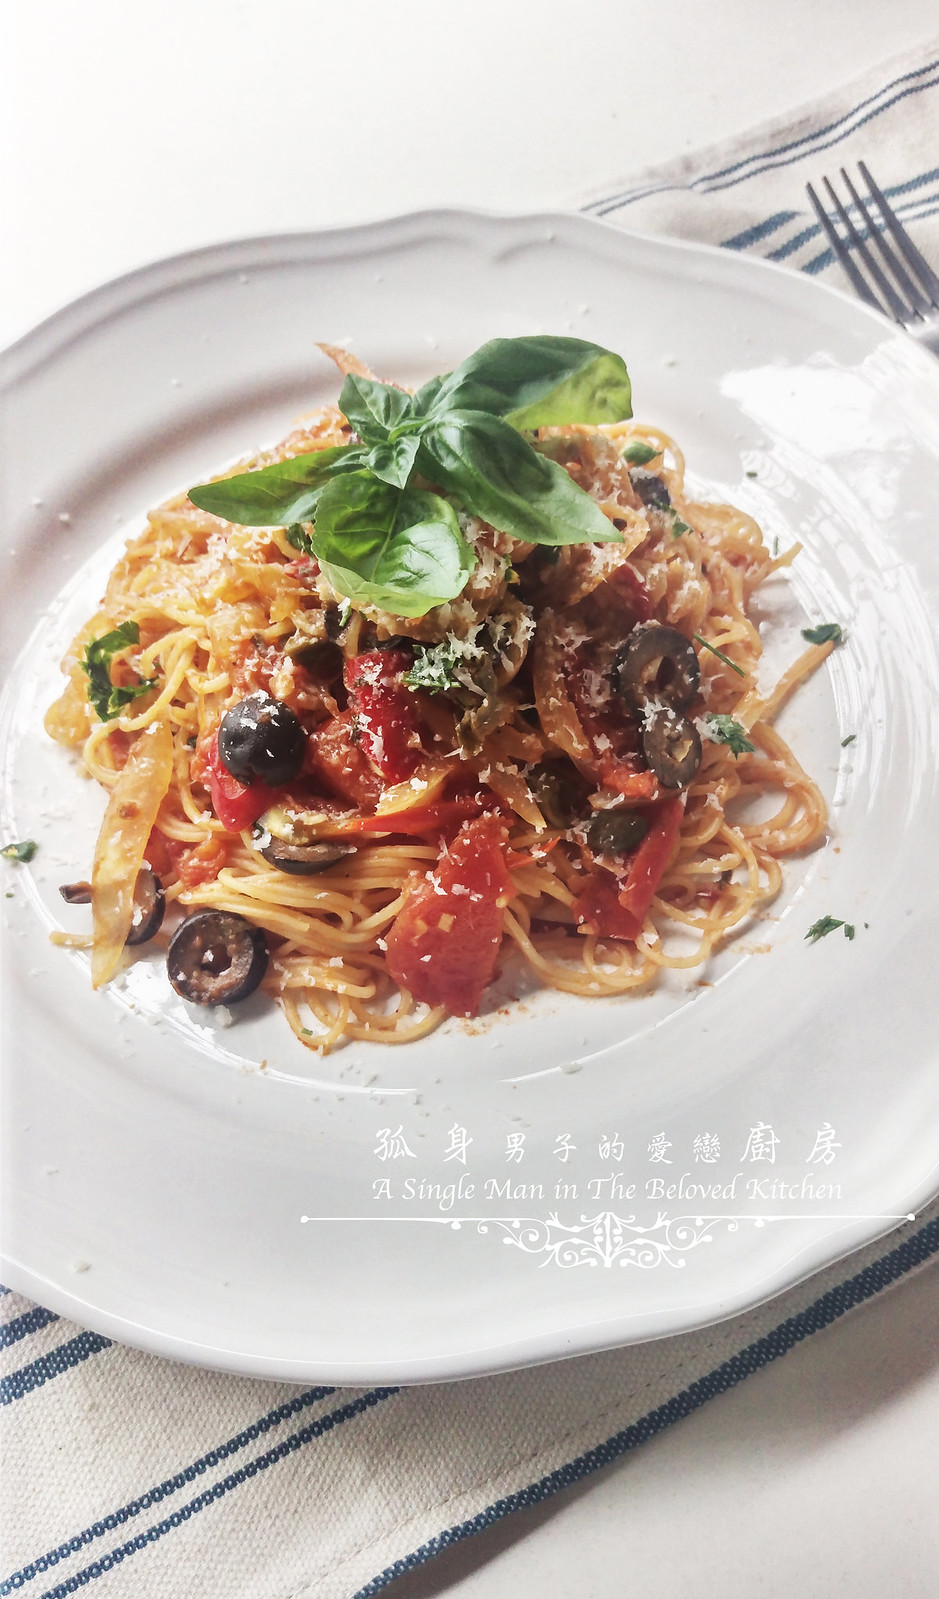 孤身廚房-煙花女義大利天使鳥巢麵22